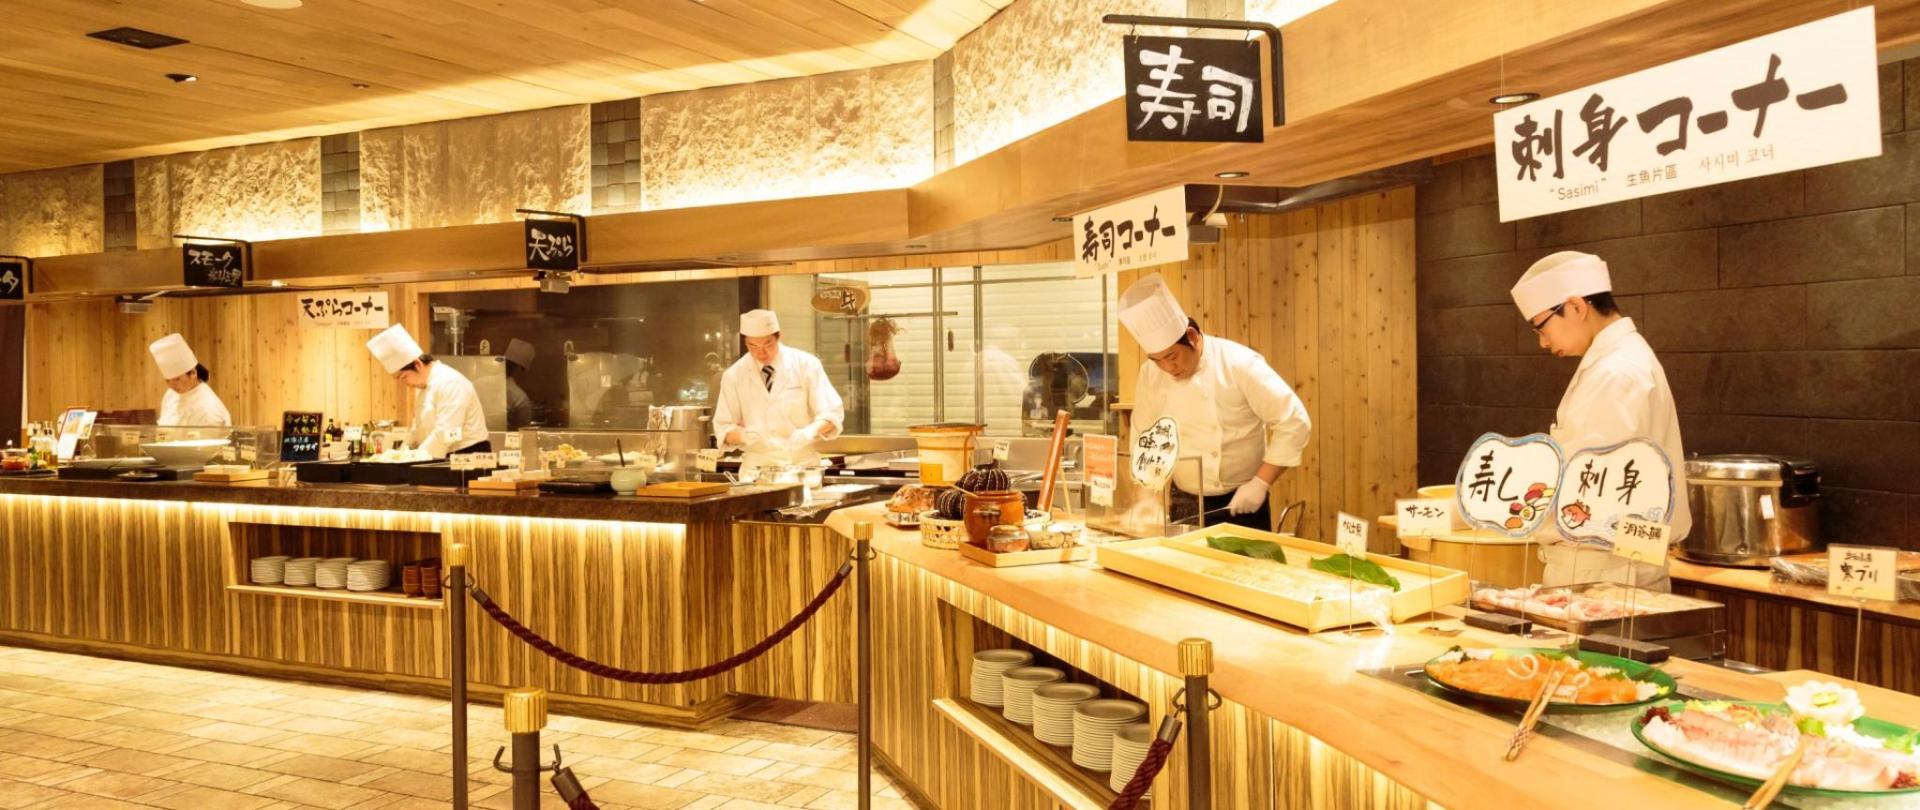 【レストラン】ライブキッチンⅡ (5)1920×810.jpg